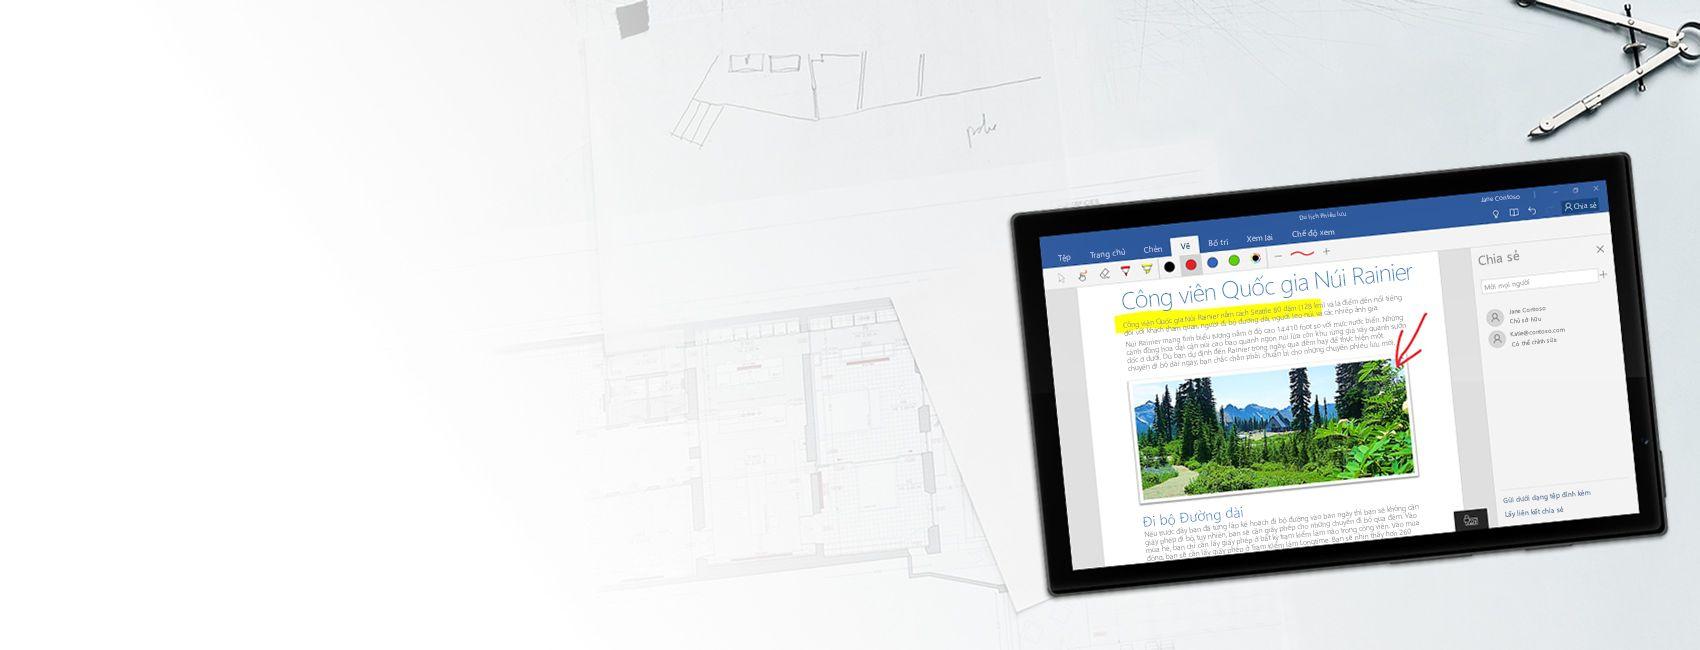 Máy tính bảng chạy Windows hiển thị tài liệu Word về Công viên Quốc gia Núi Rainier trong Word for Windows 10 Mobile